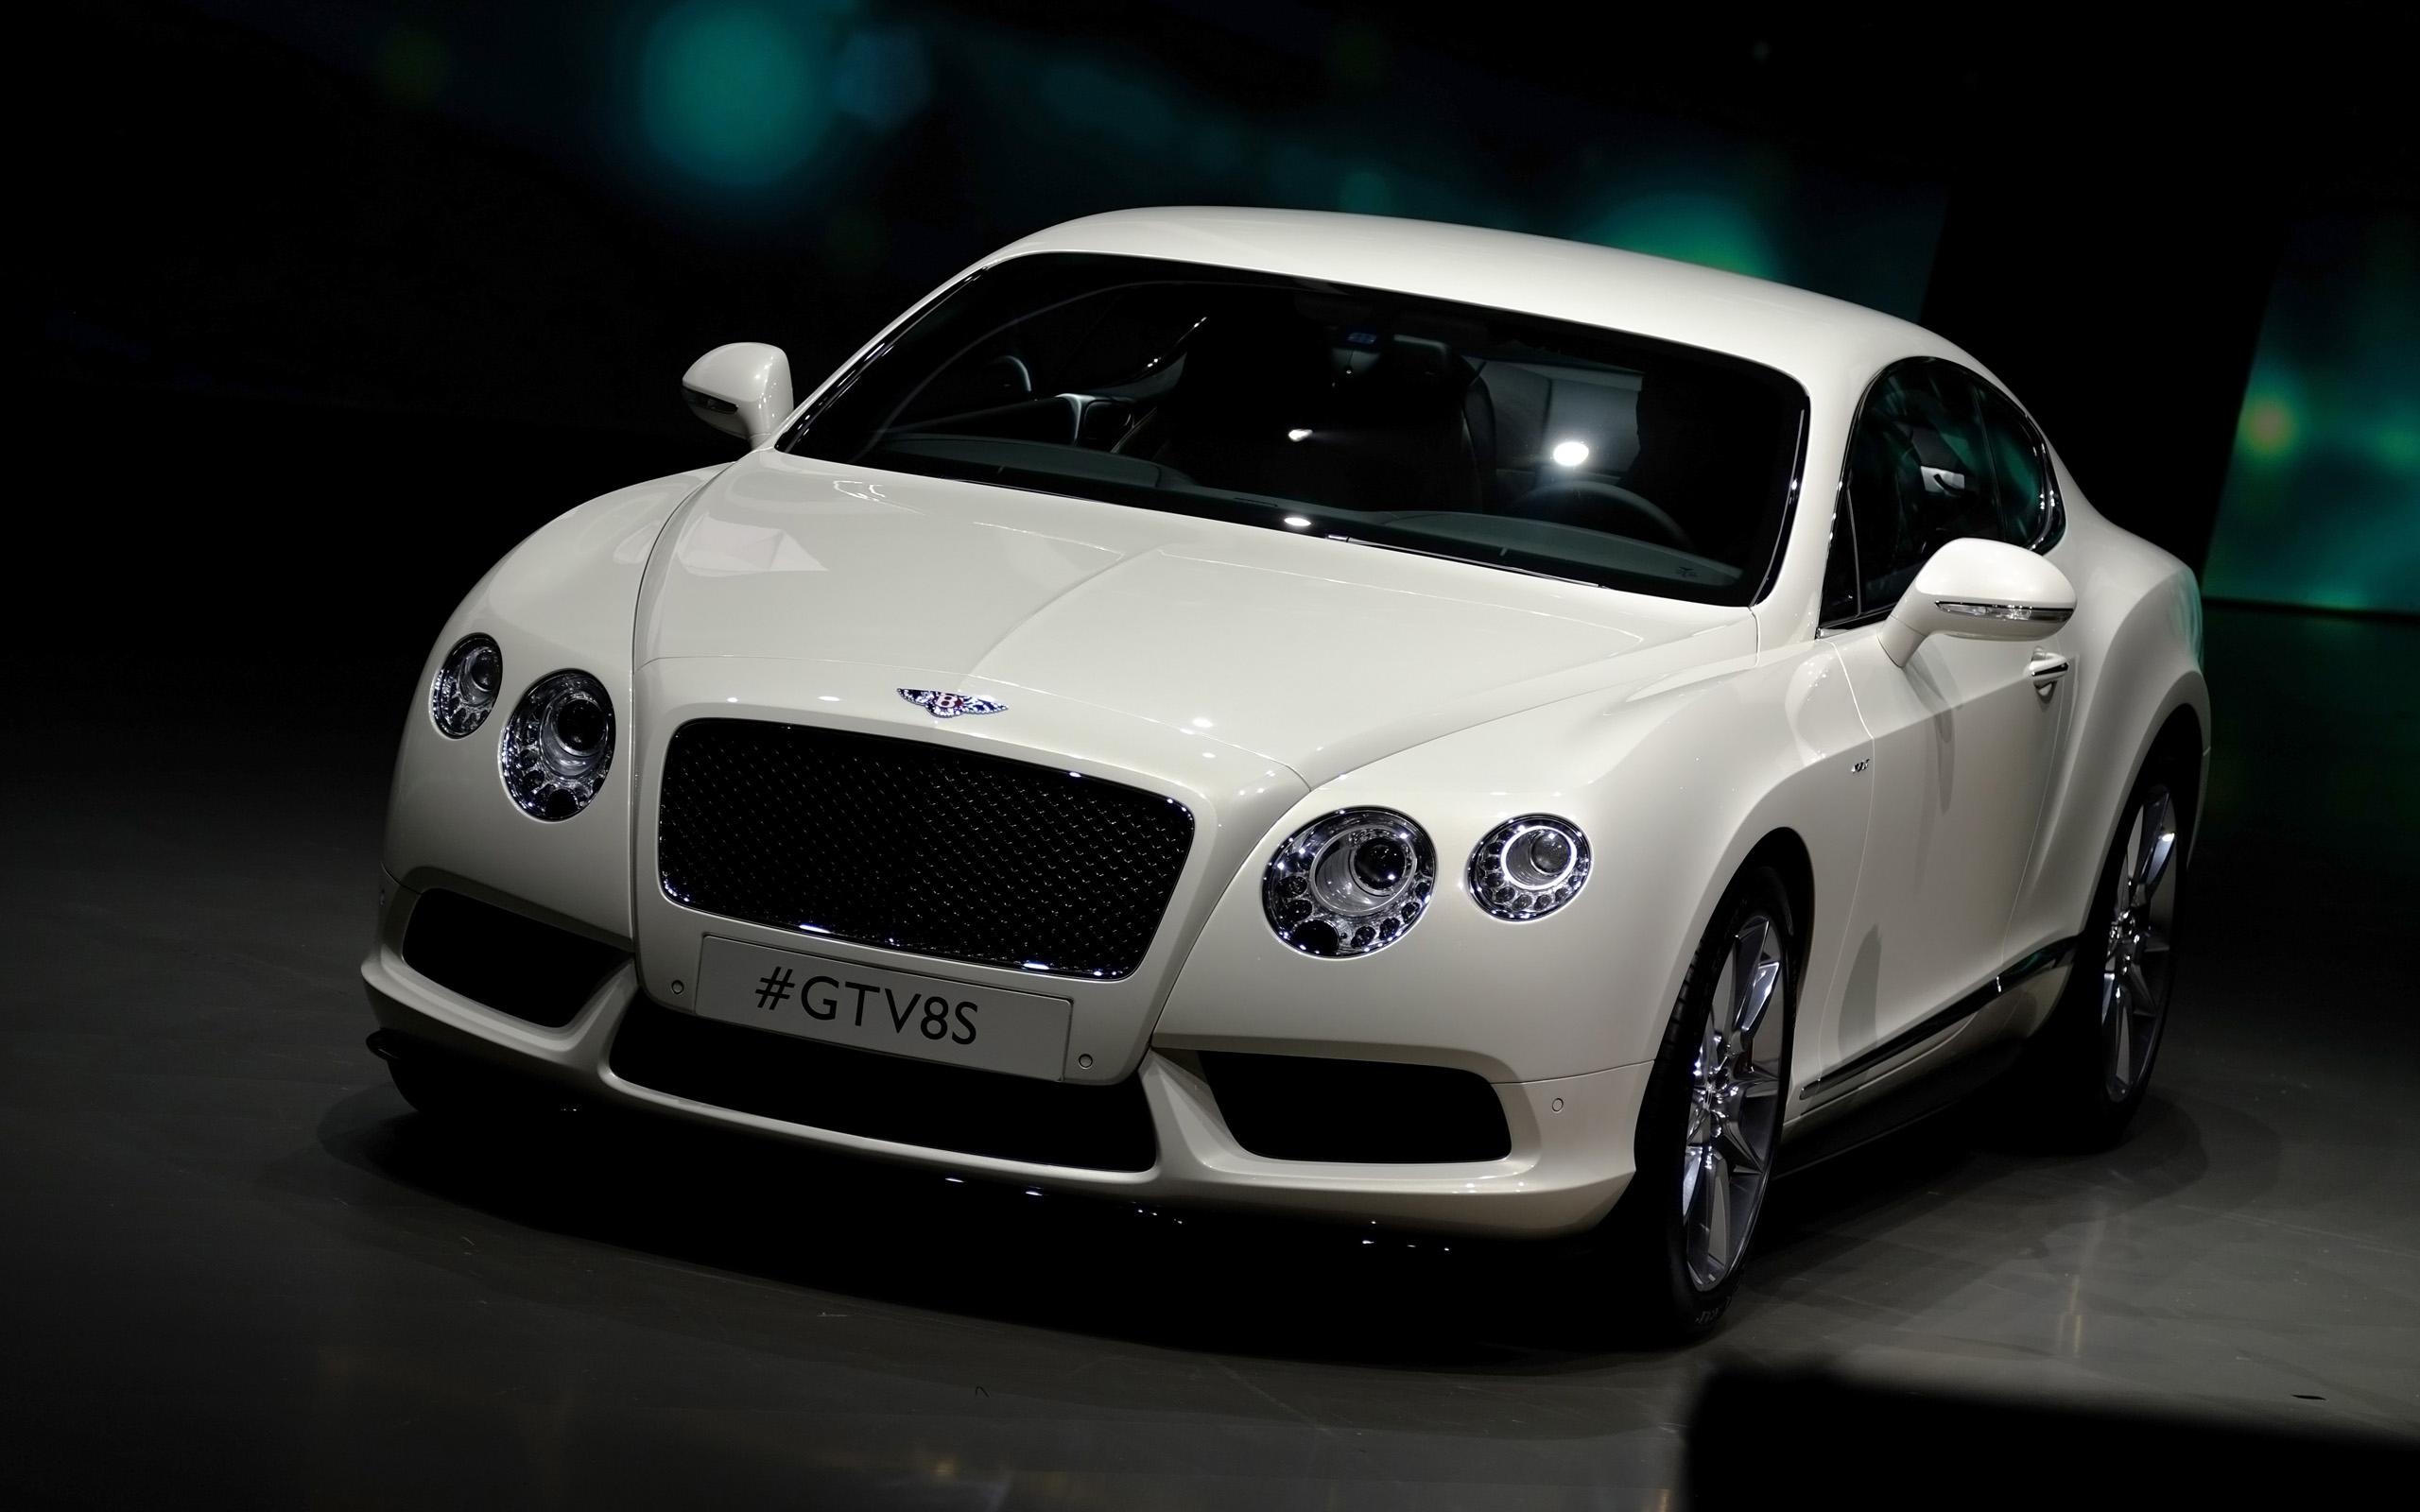 bentley-continental-v-s-at-iaa-frankfurt-motor-show-Bentley-Continental-V-wallpaper-wp3401085